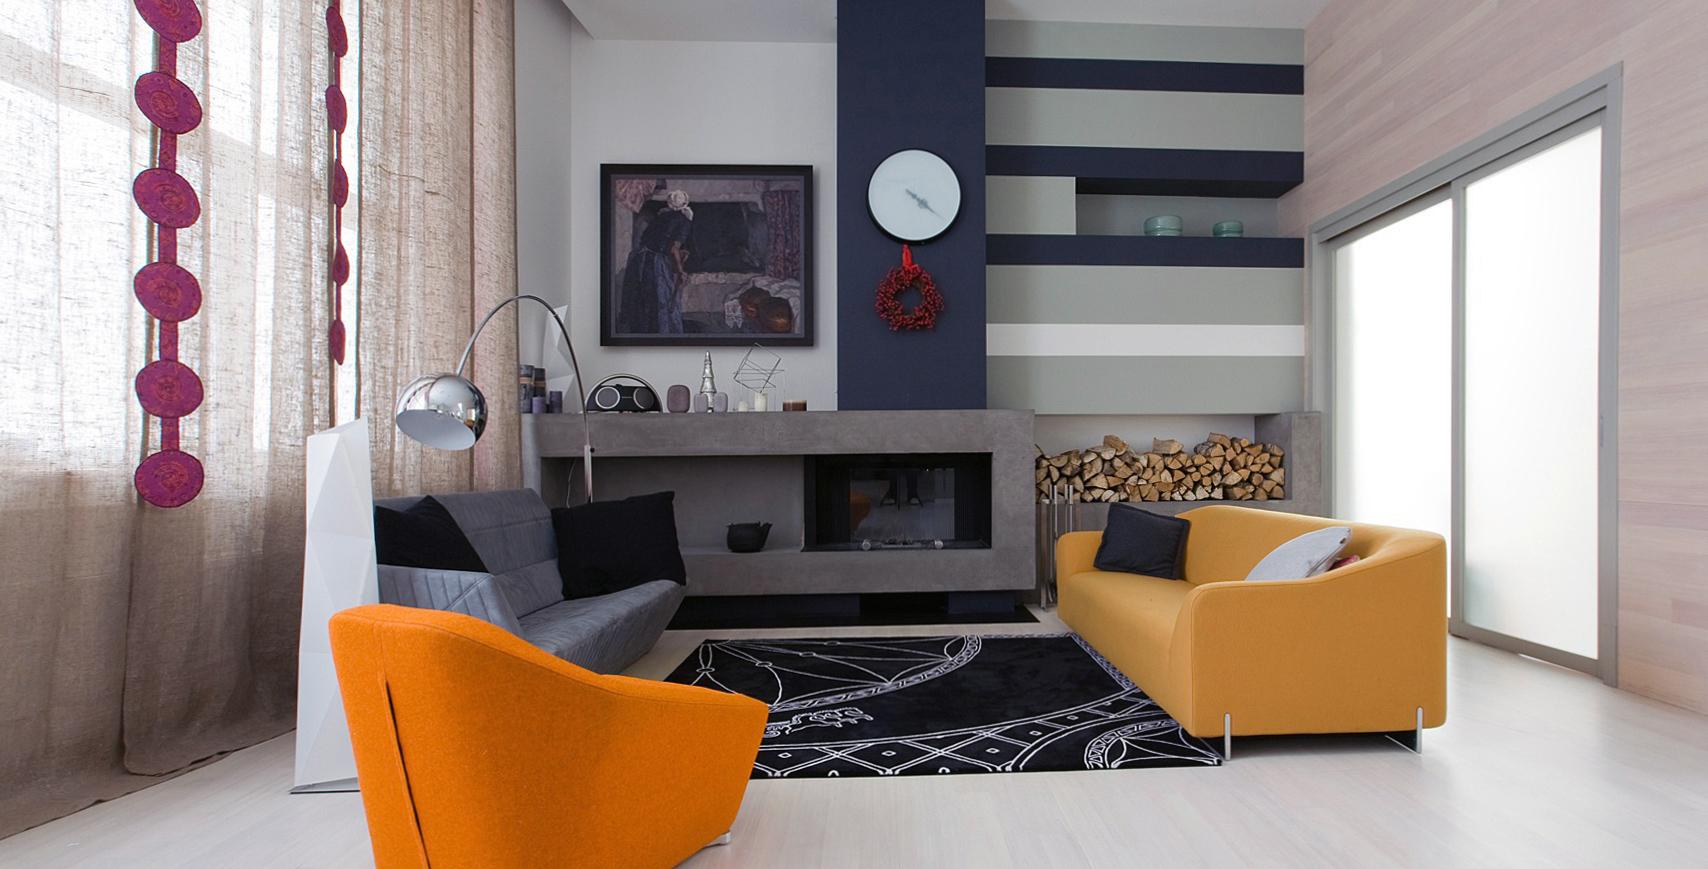 Интерьер гостиной в стиле конструктивизма